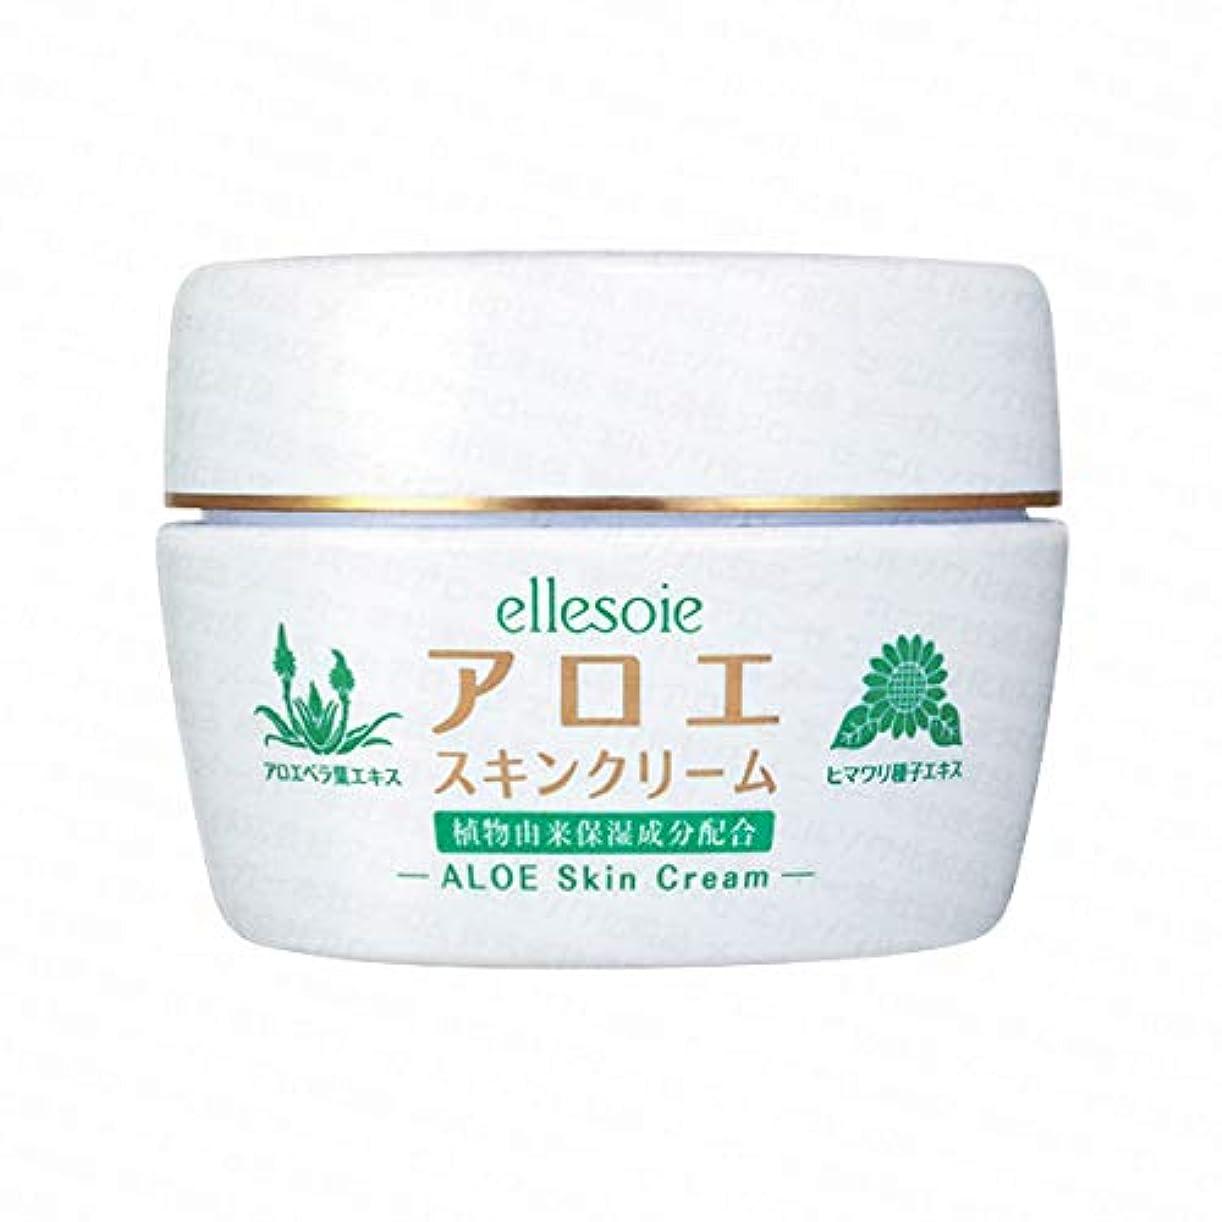 遅れ家族バンドエルソワ化粧品(ellesoie) アロエスキンクリーム 本体210g ボディ用保湿クリーム